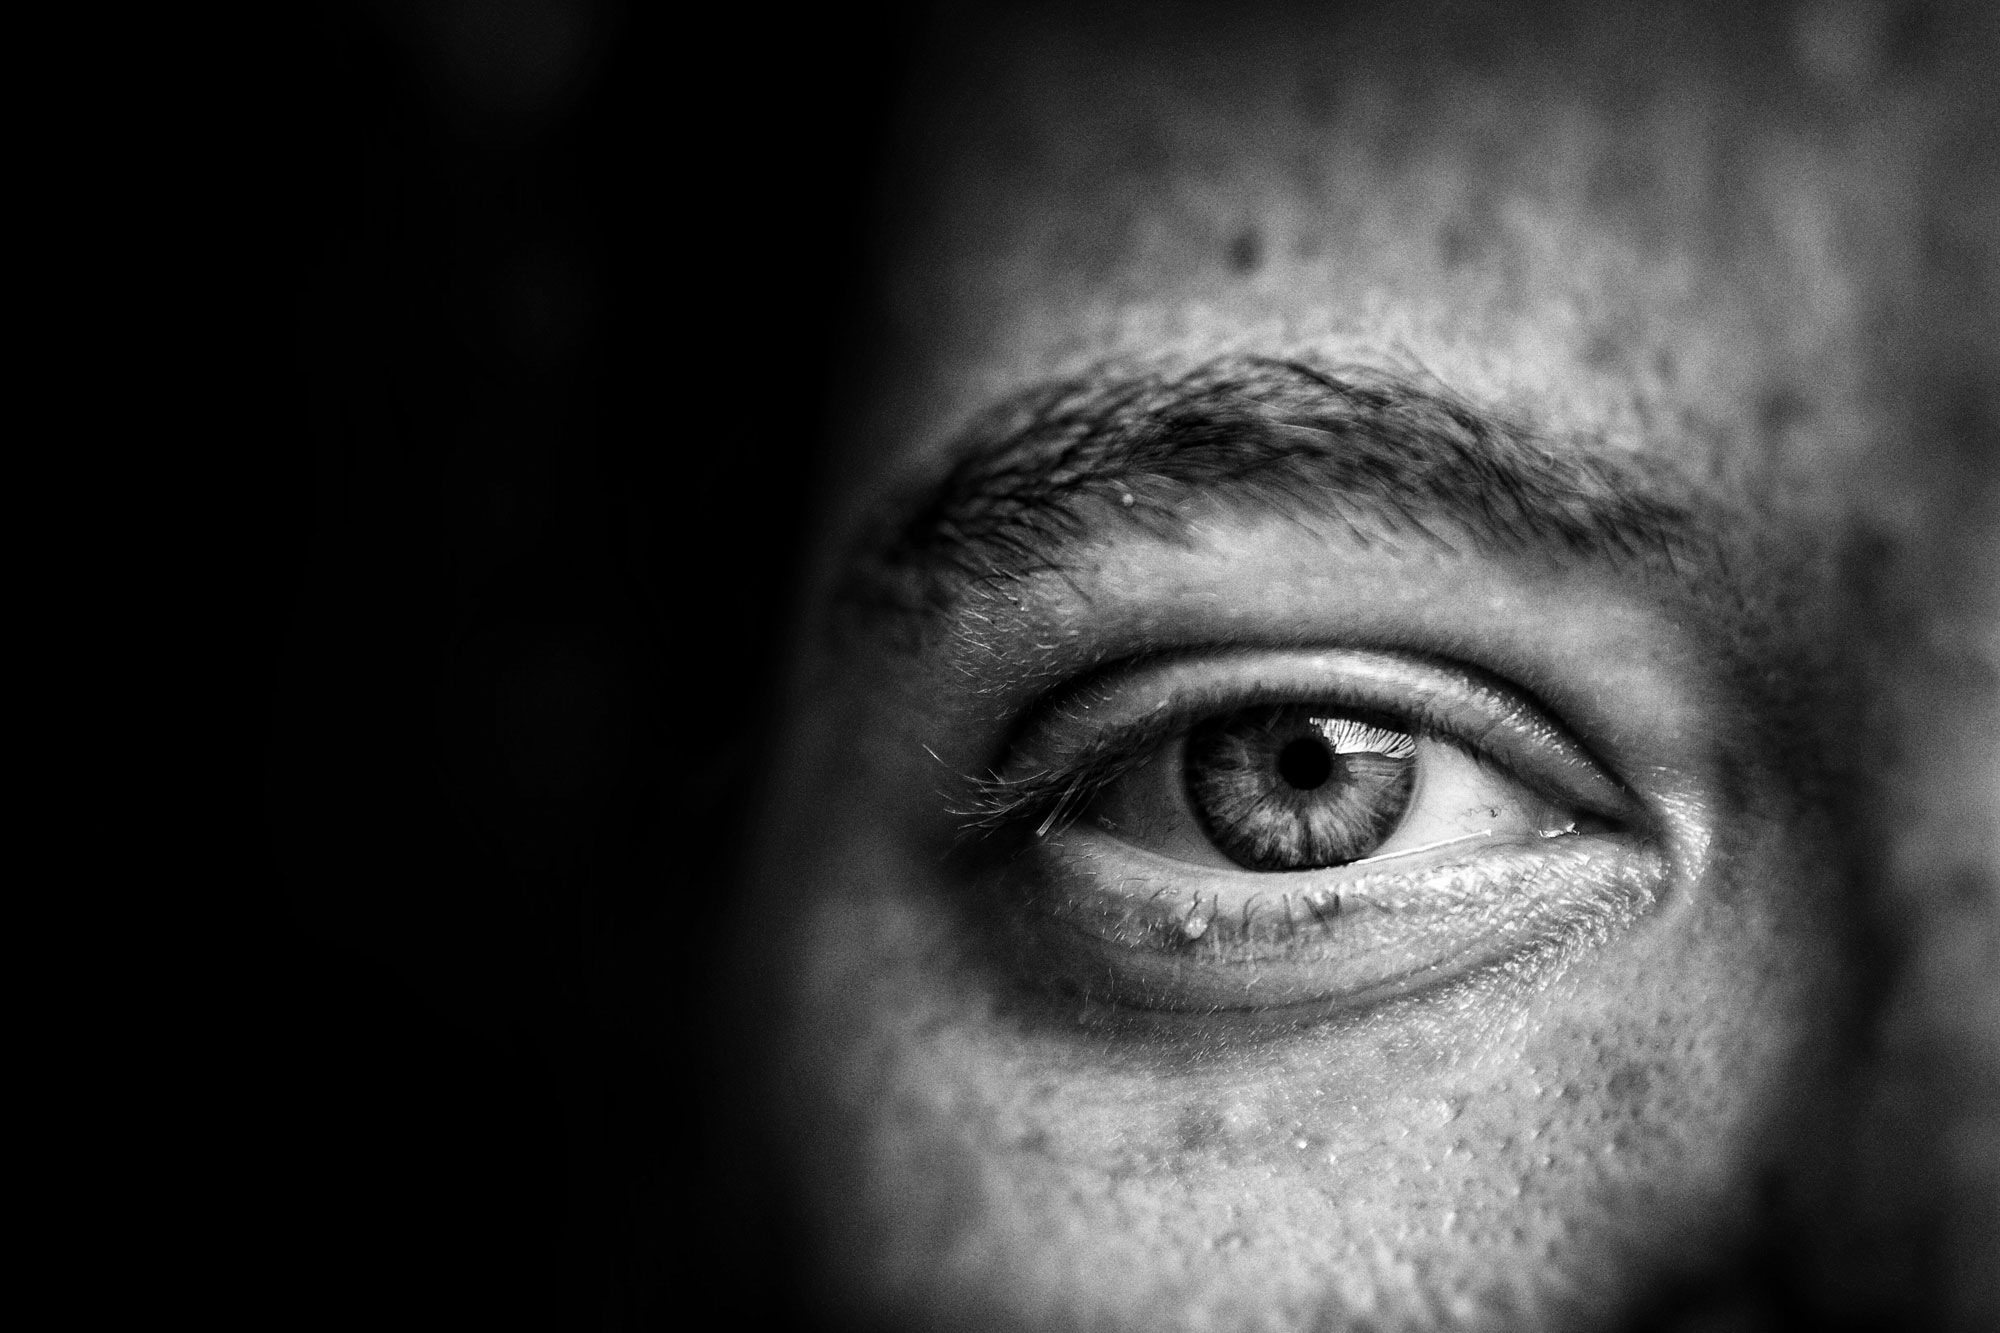 Cómo Evitar Que Avance El Glaucoma